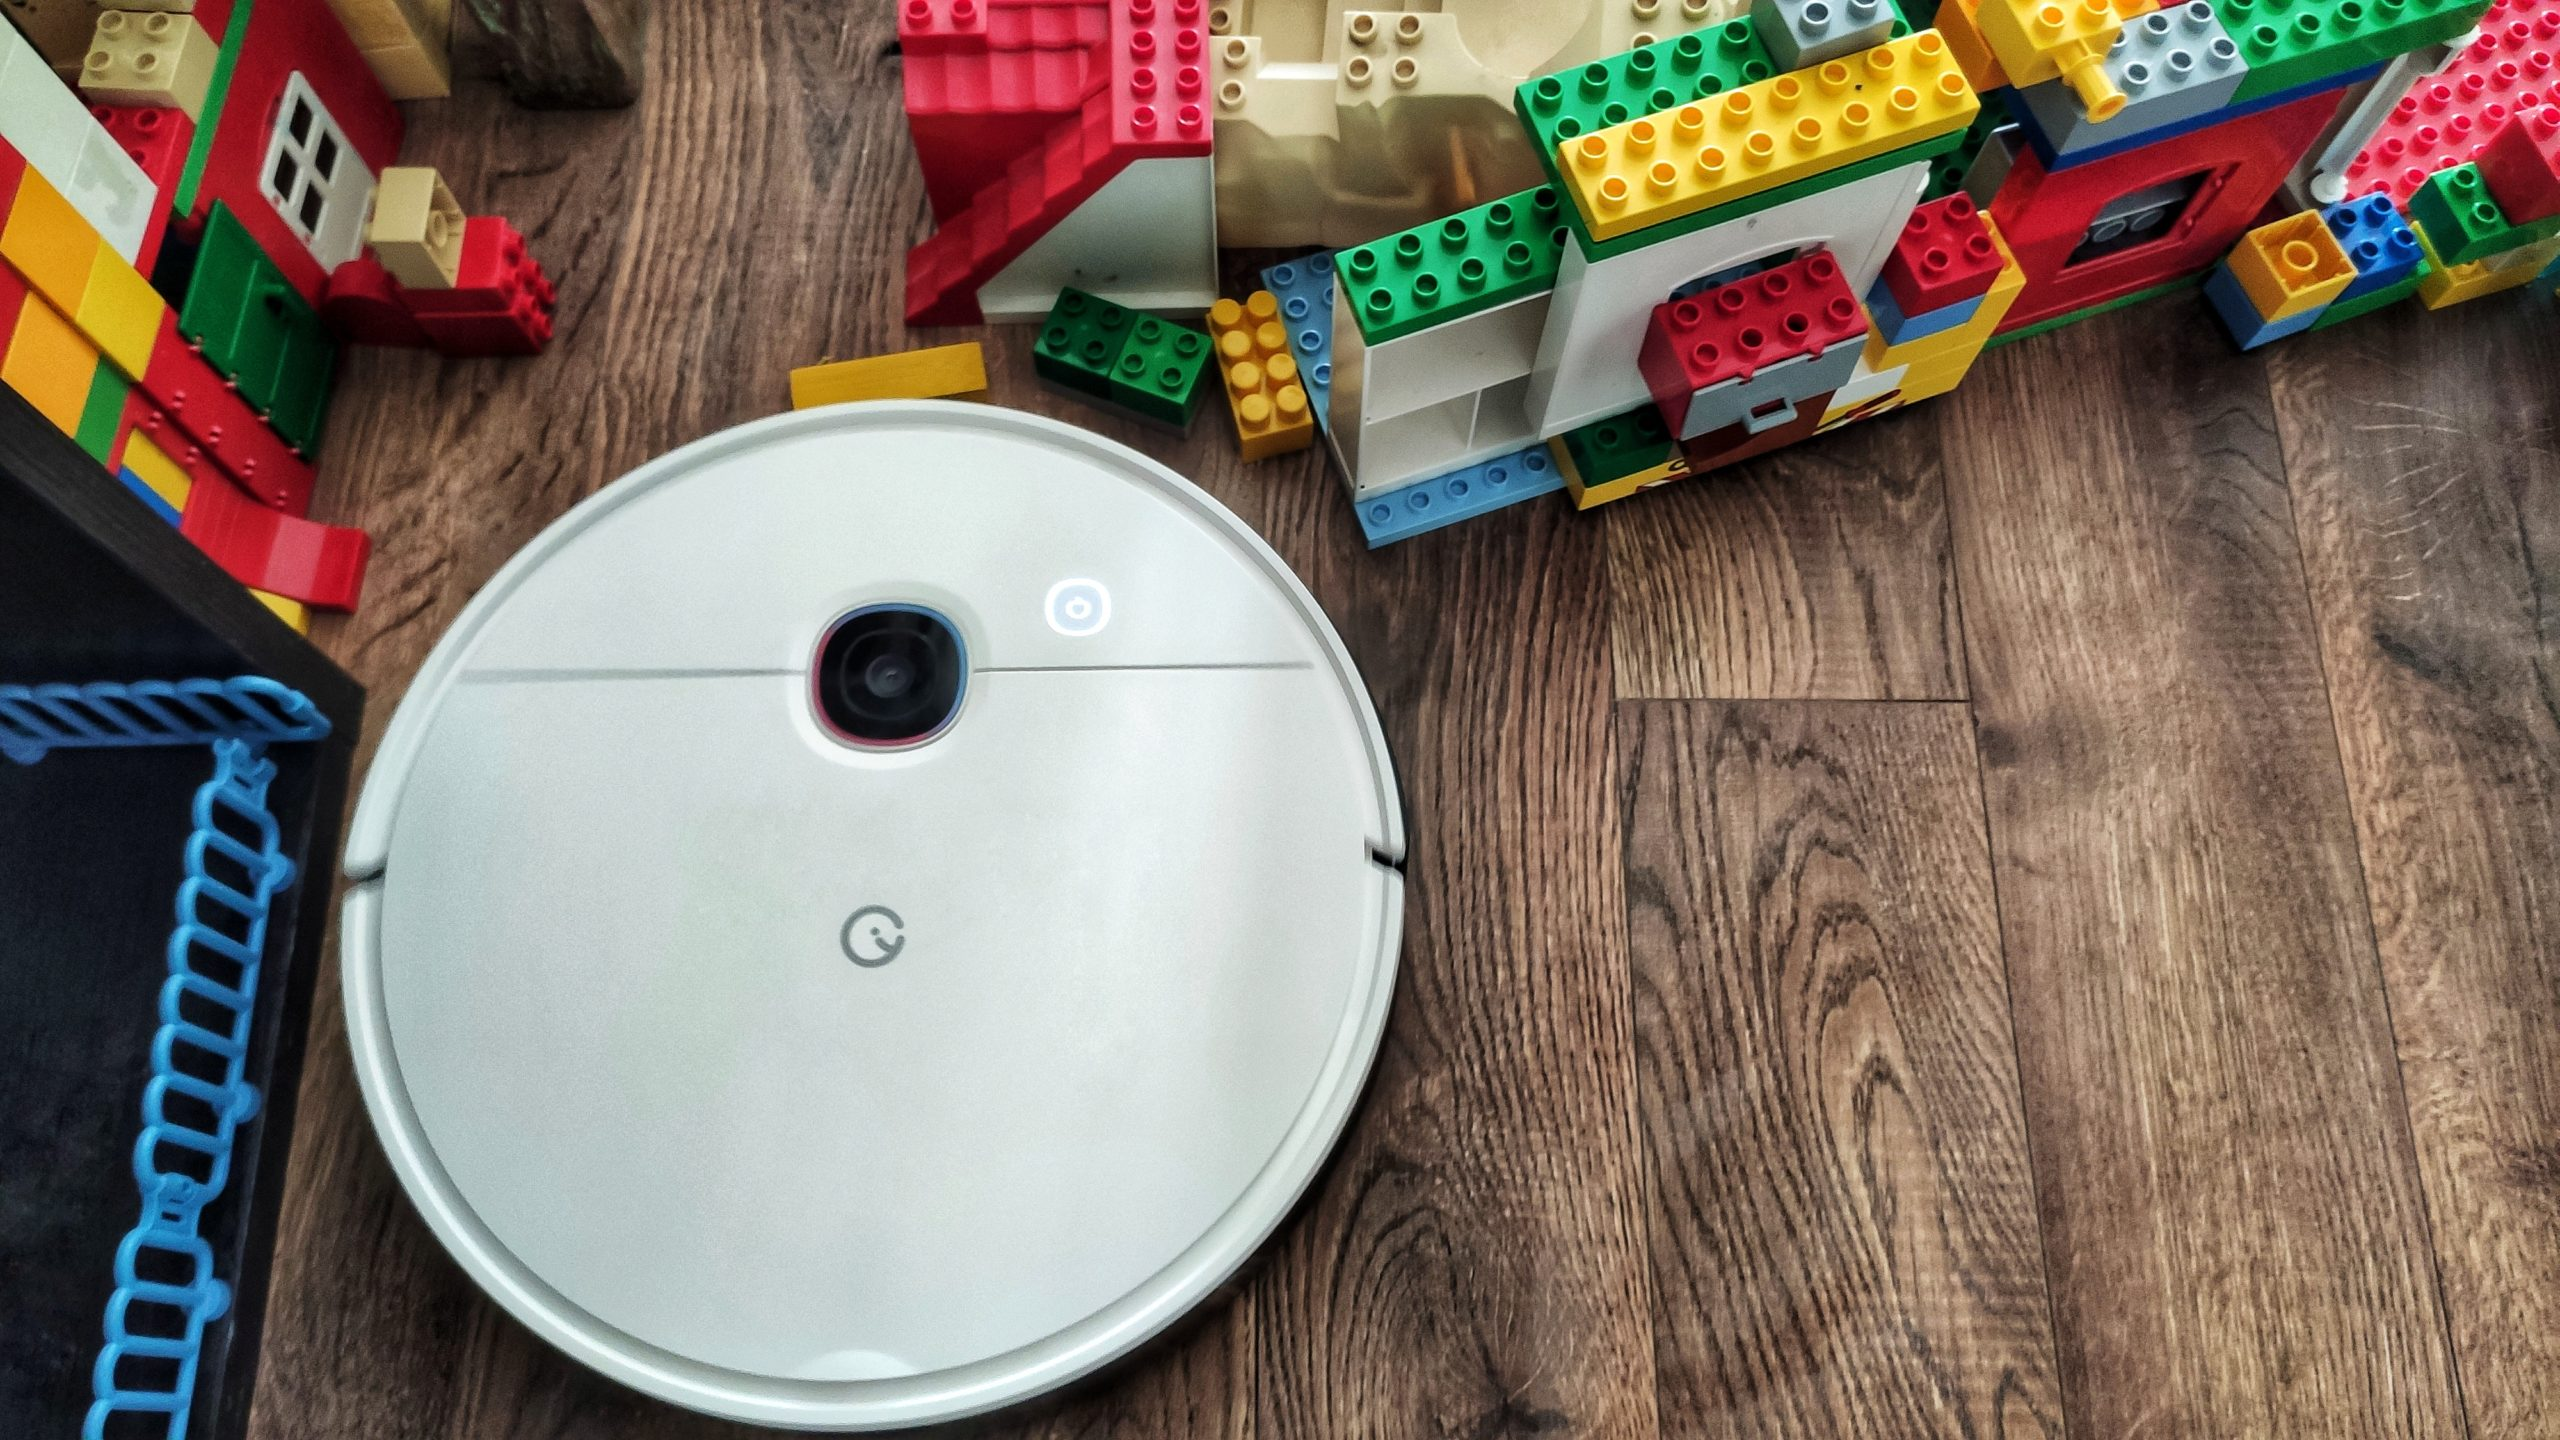 Пылесос с секретом! Обзор робота-гибрида Yeedi 2 Hybrid: достоинства и недостатки